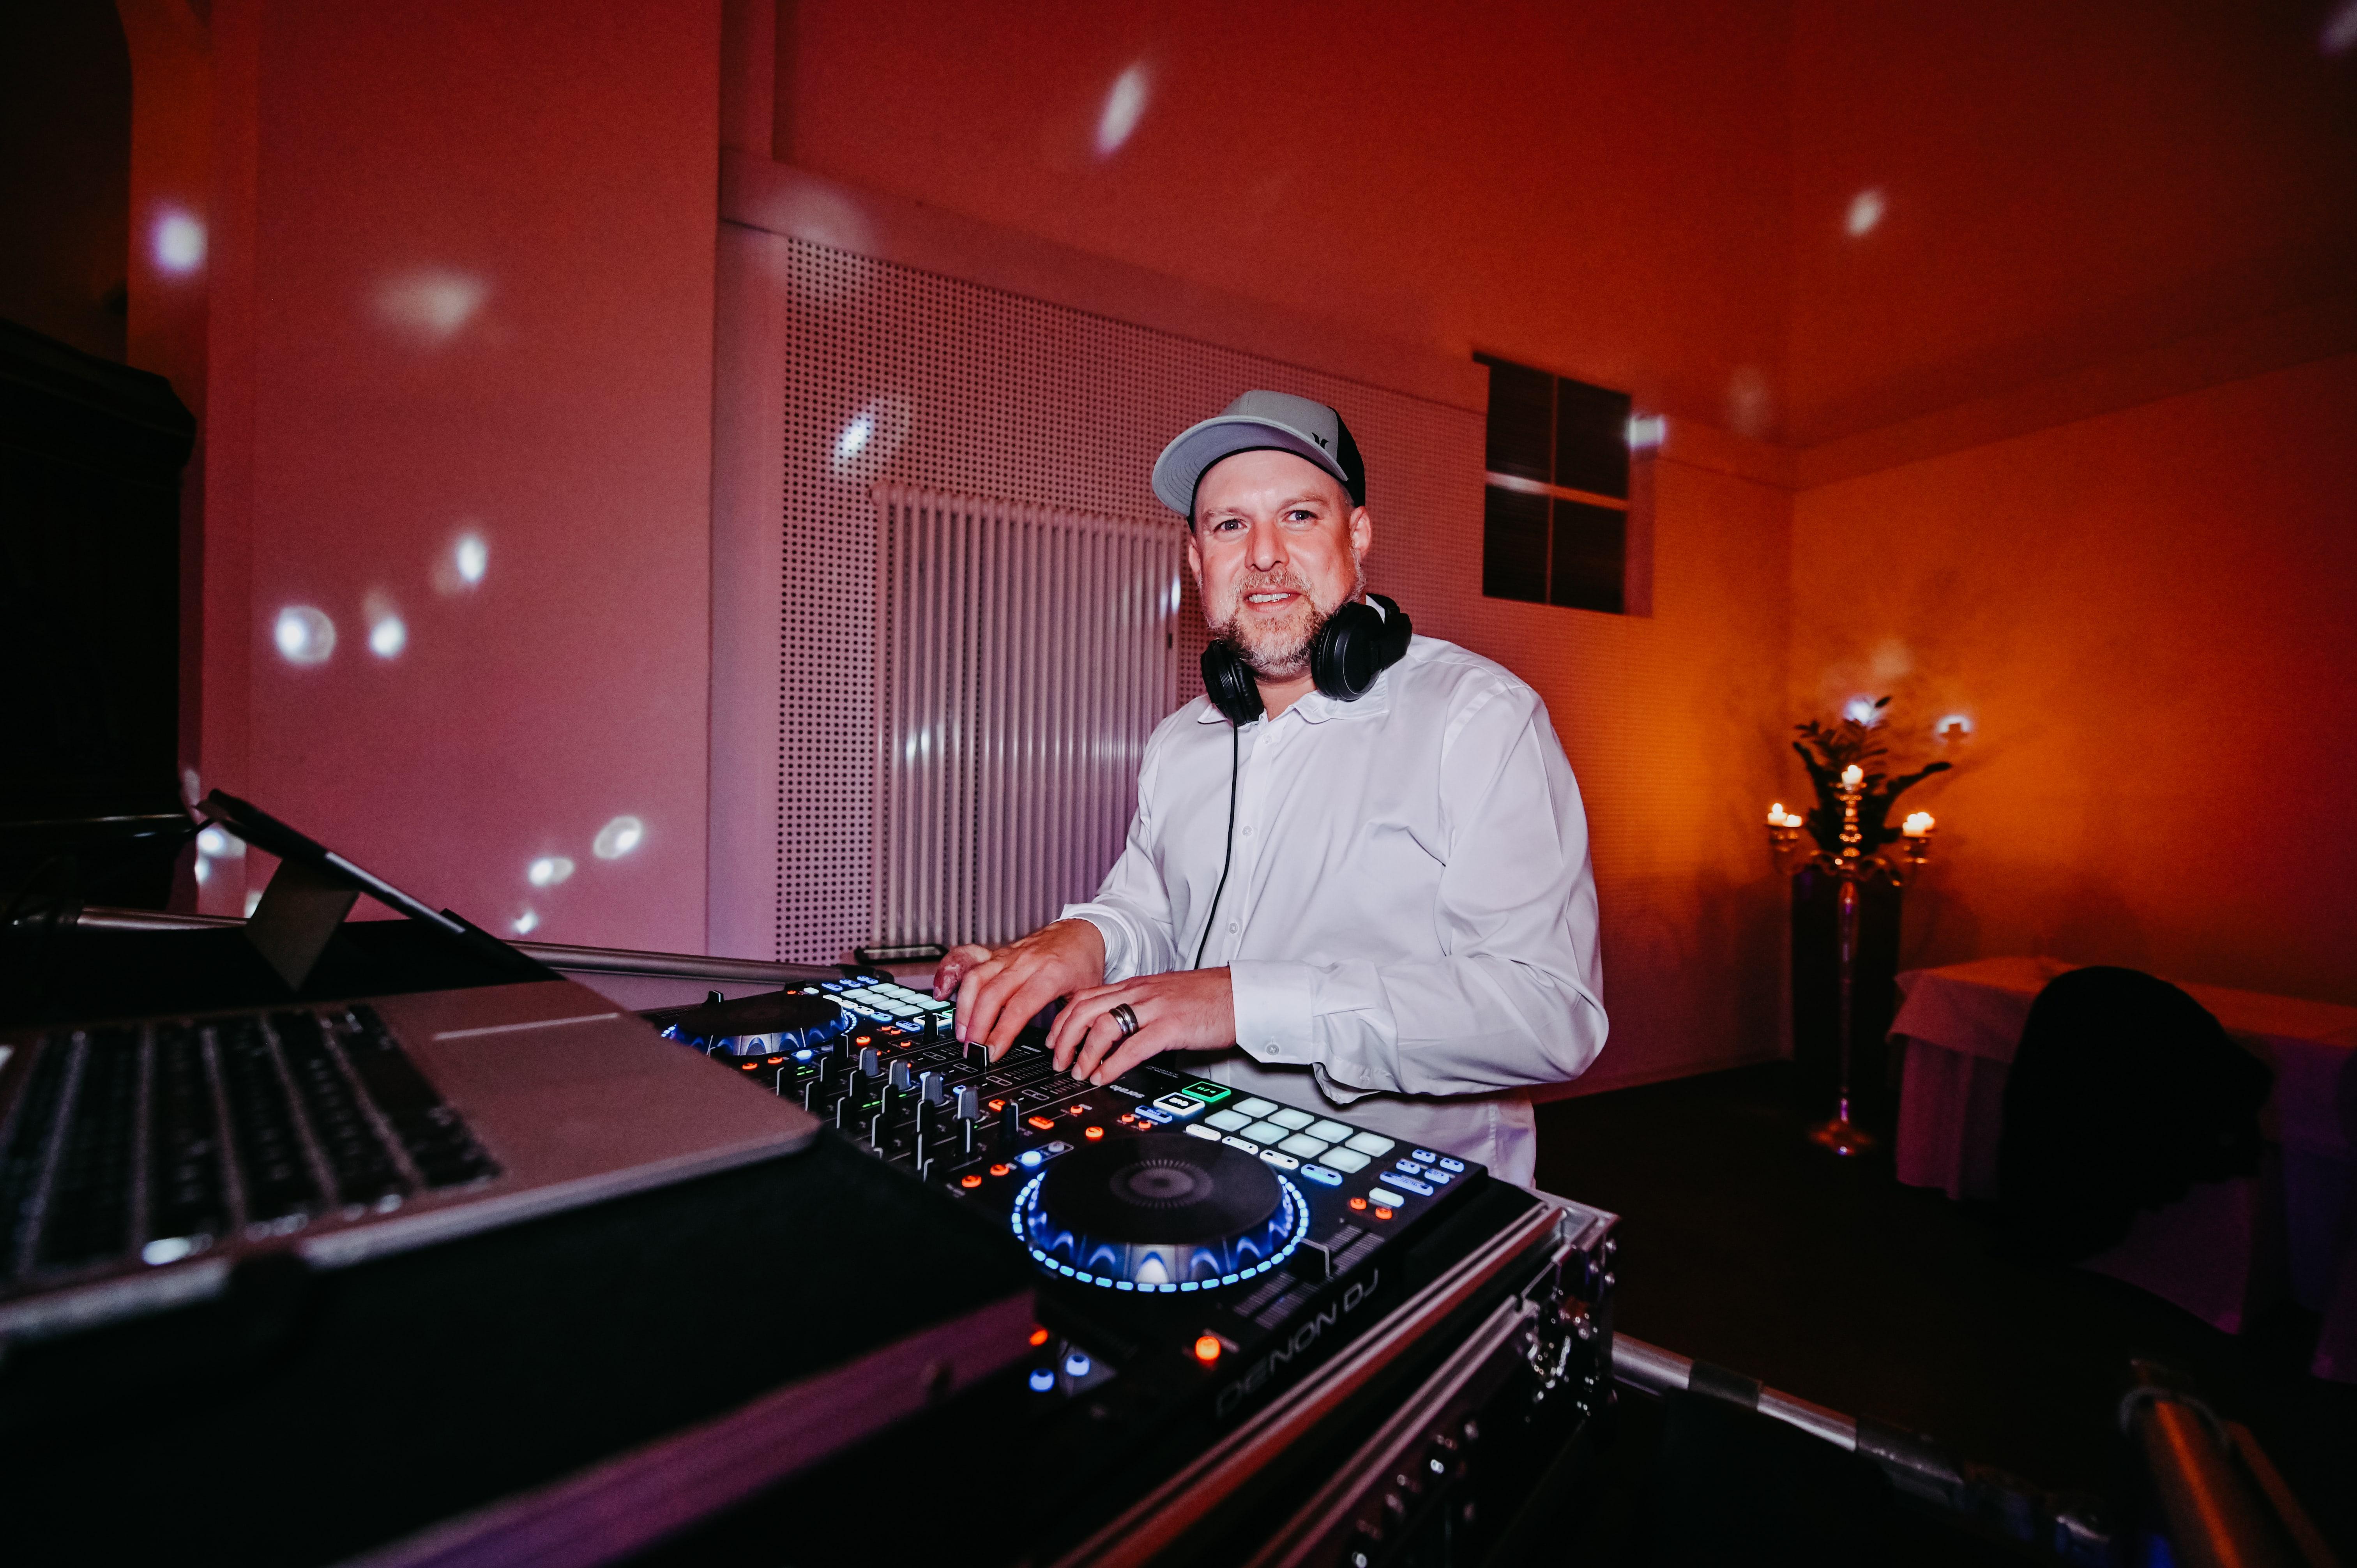 DJ Rene Frankenfeld 03 – gesehen bei frauimmer-herrewig.de